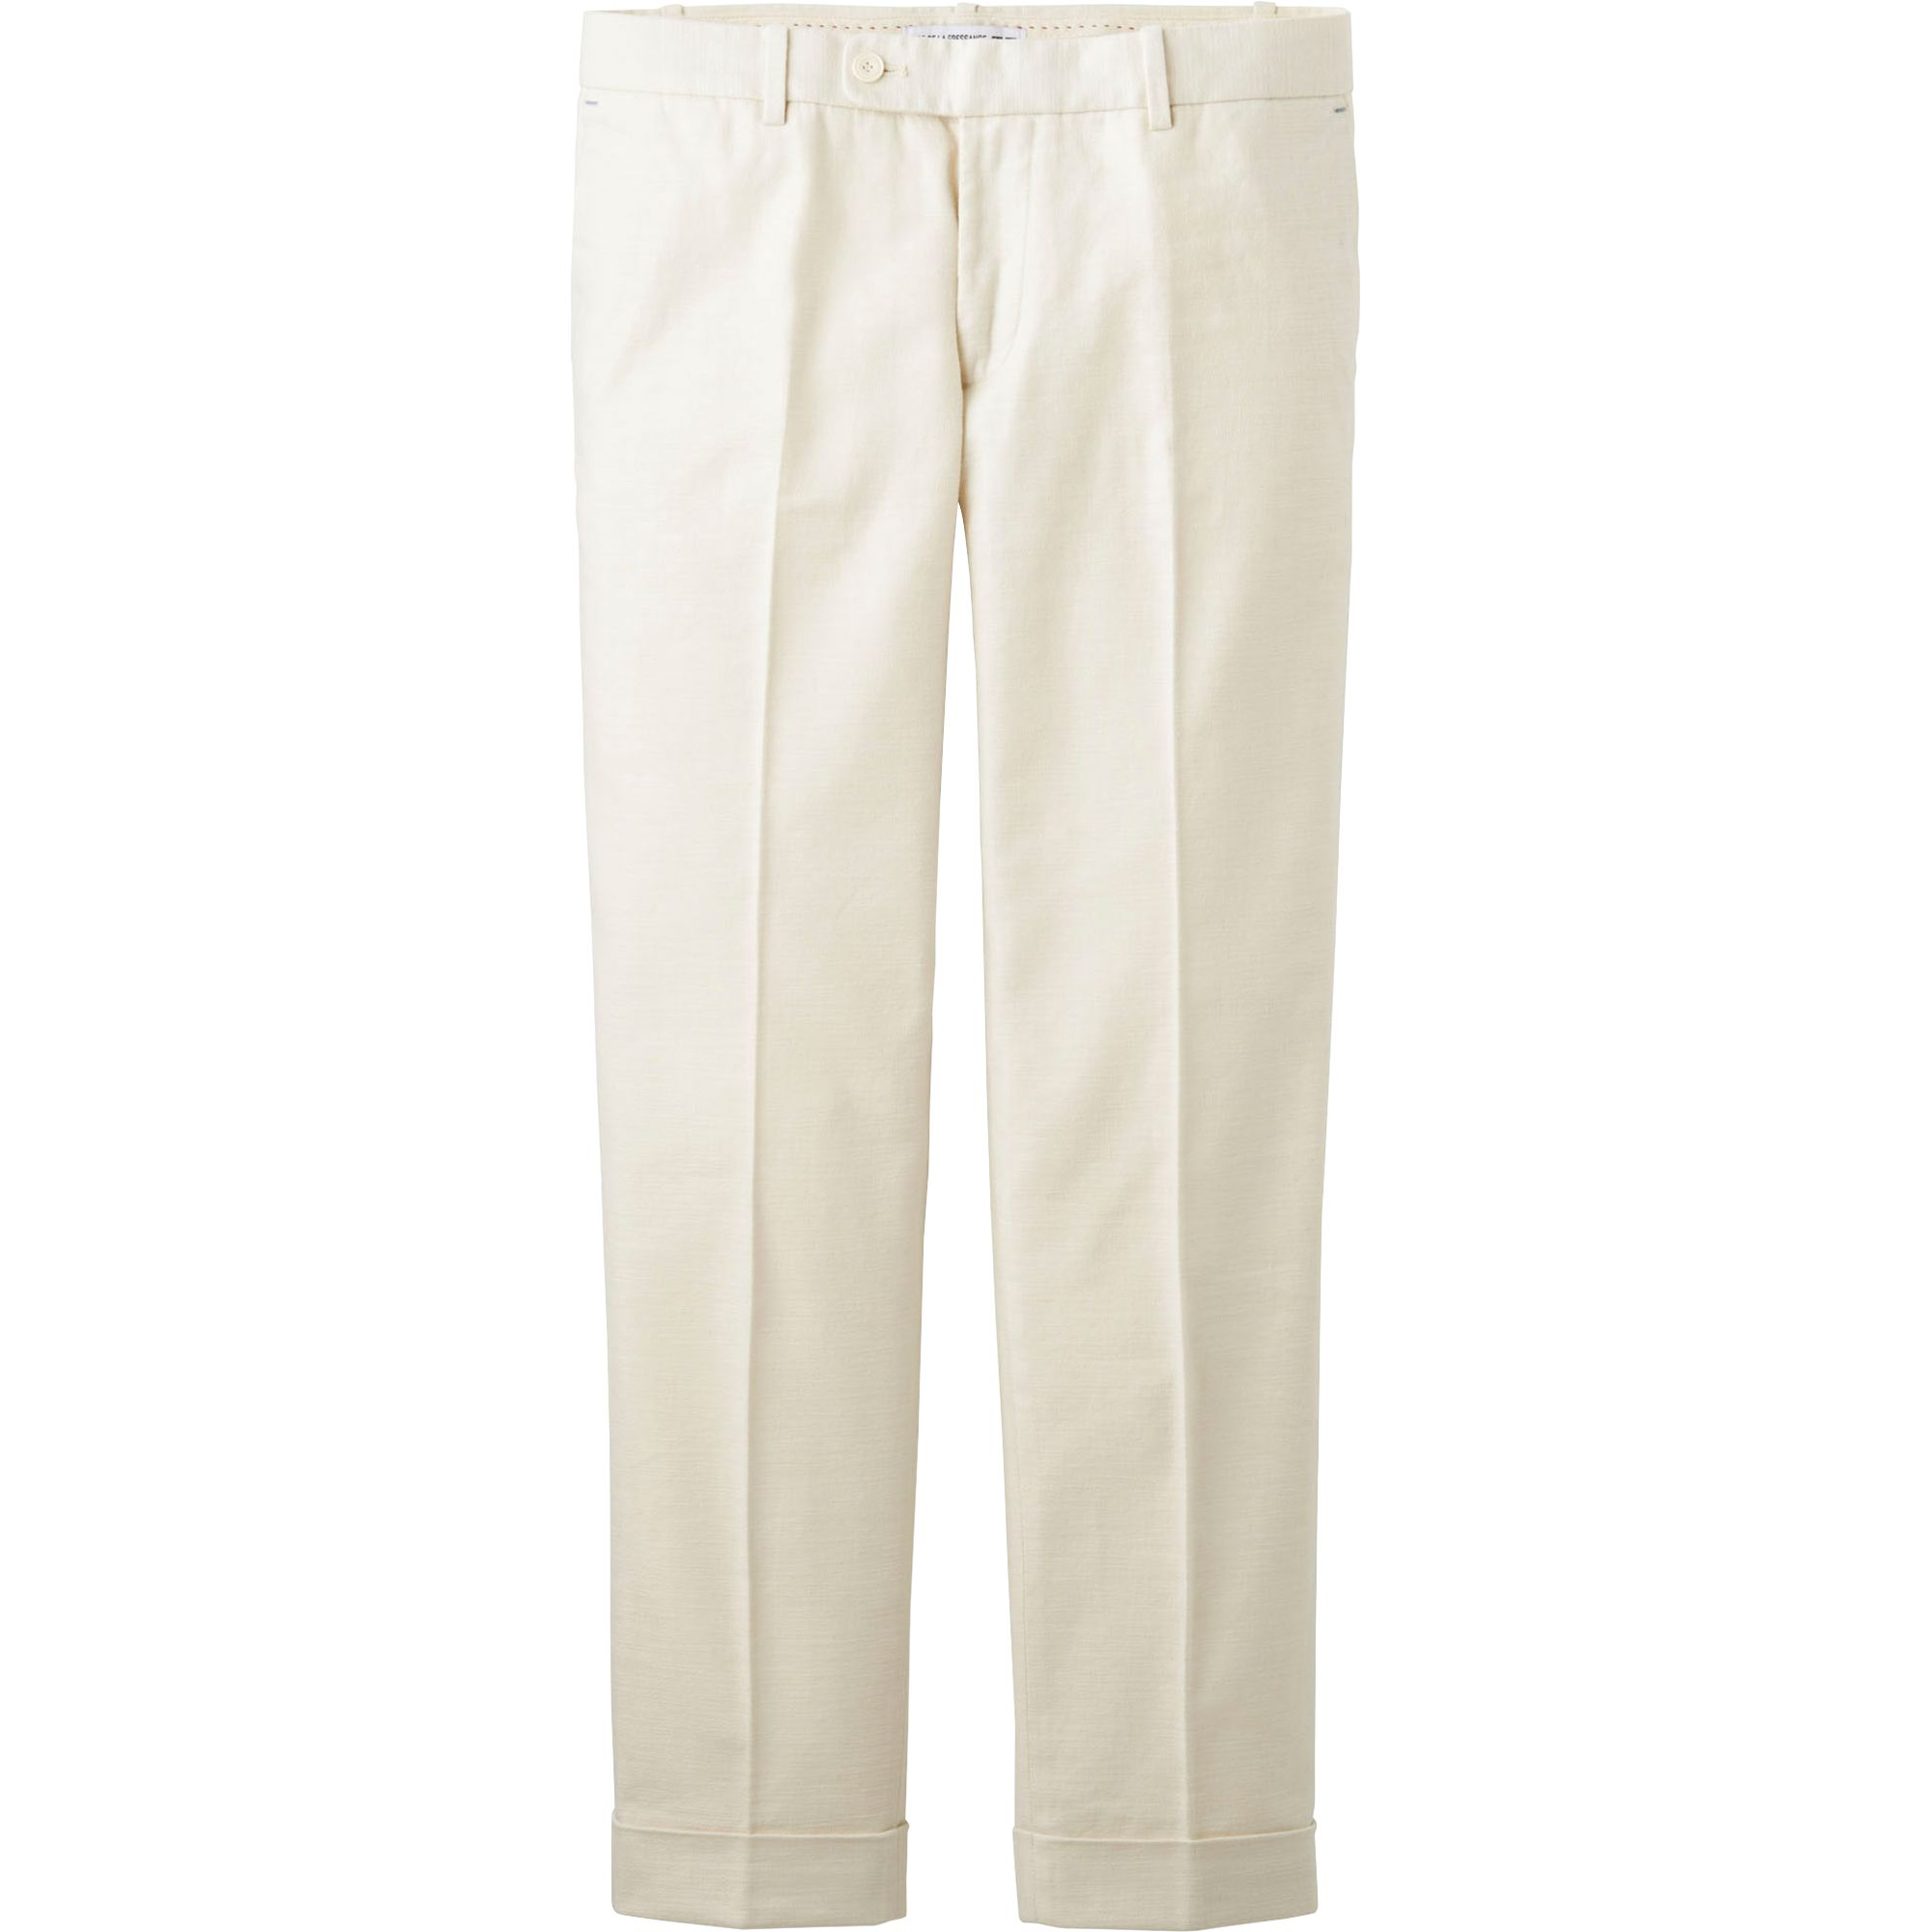 Original WOMENS KOOKAI WHITE LINEN BUTTON CASUAL CLASSIC LONG PANTS TROUSERS